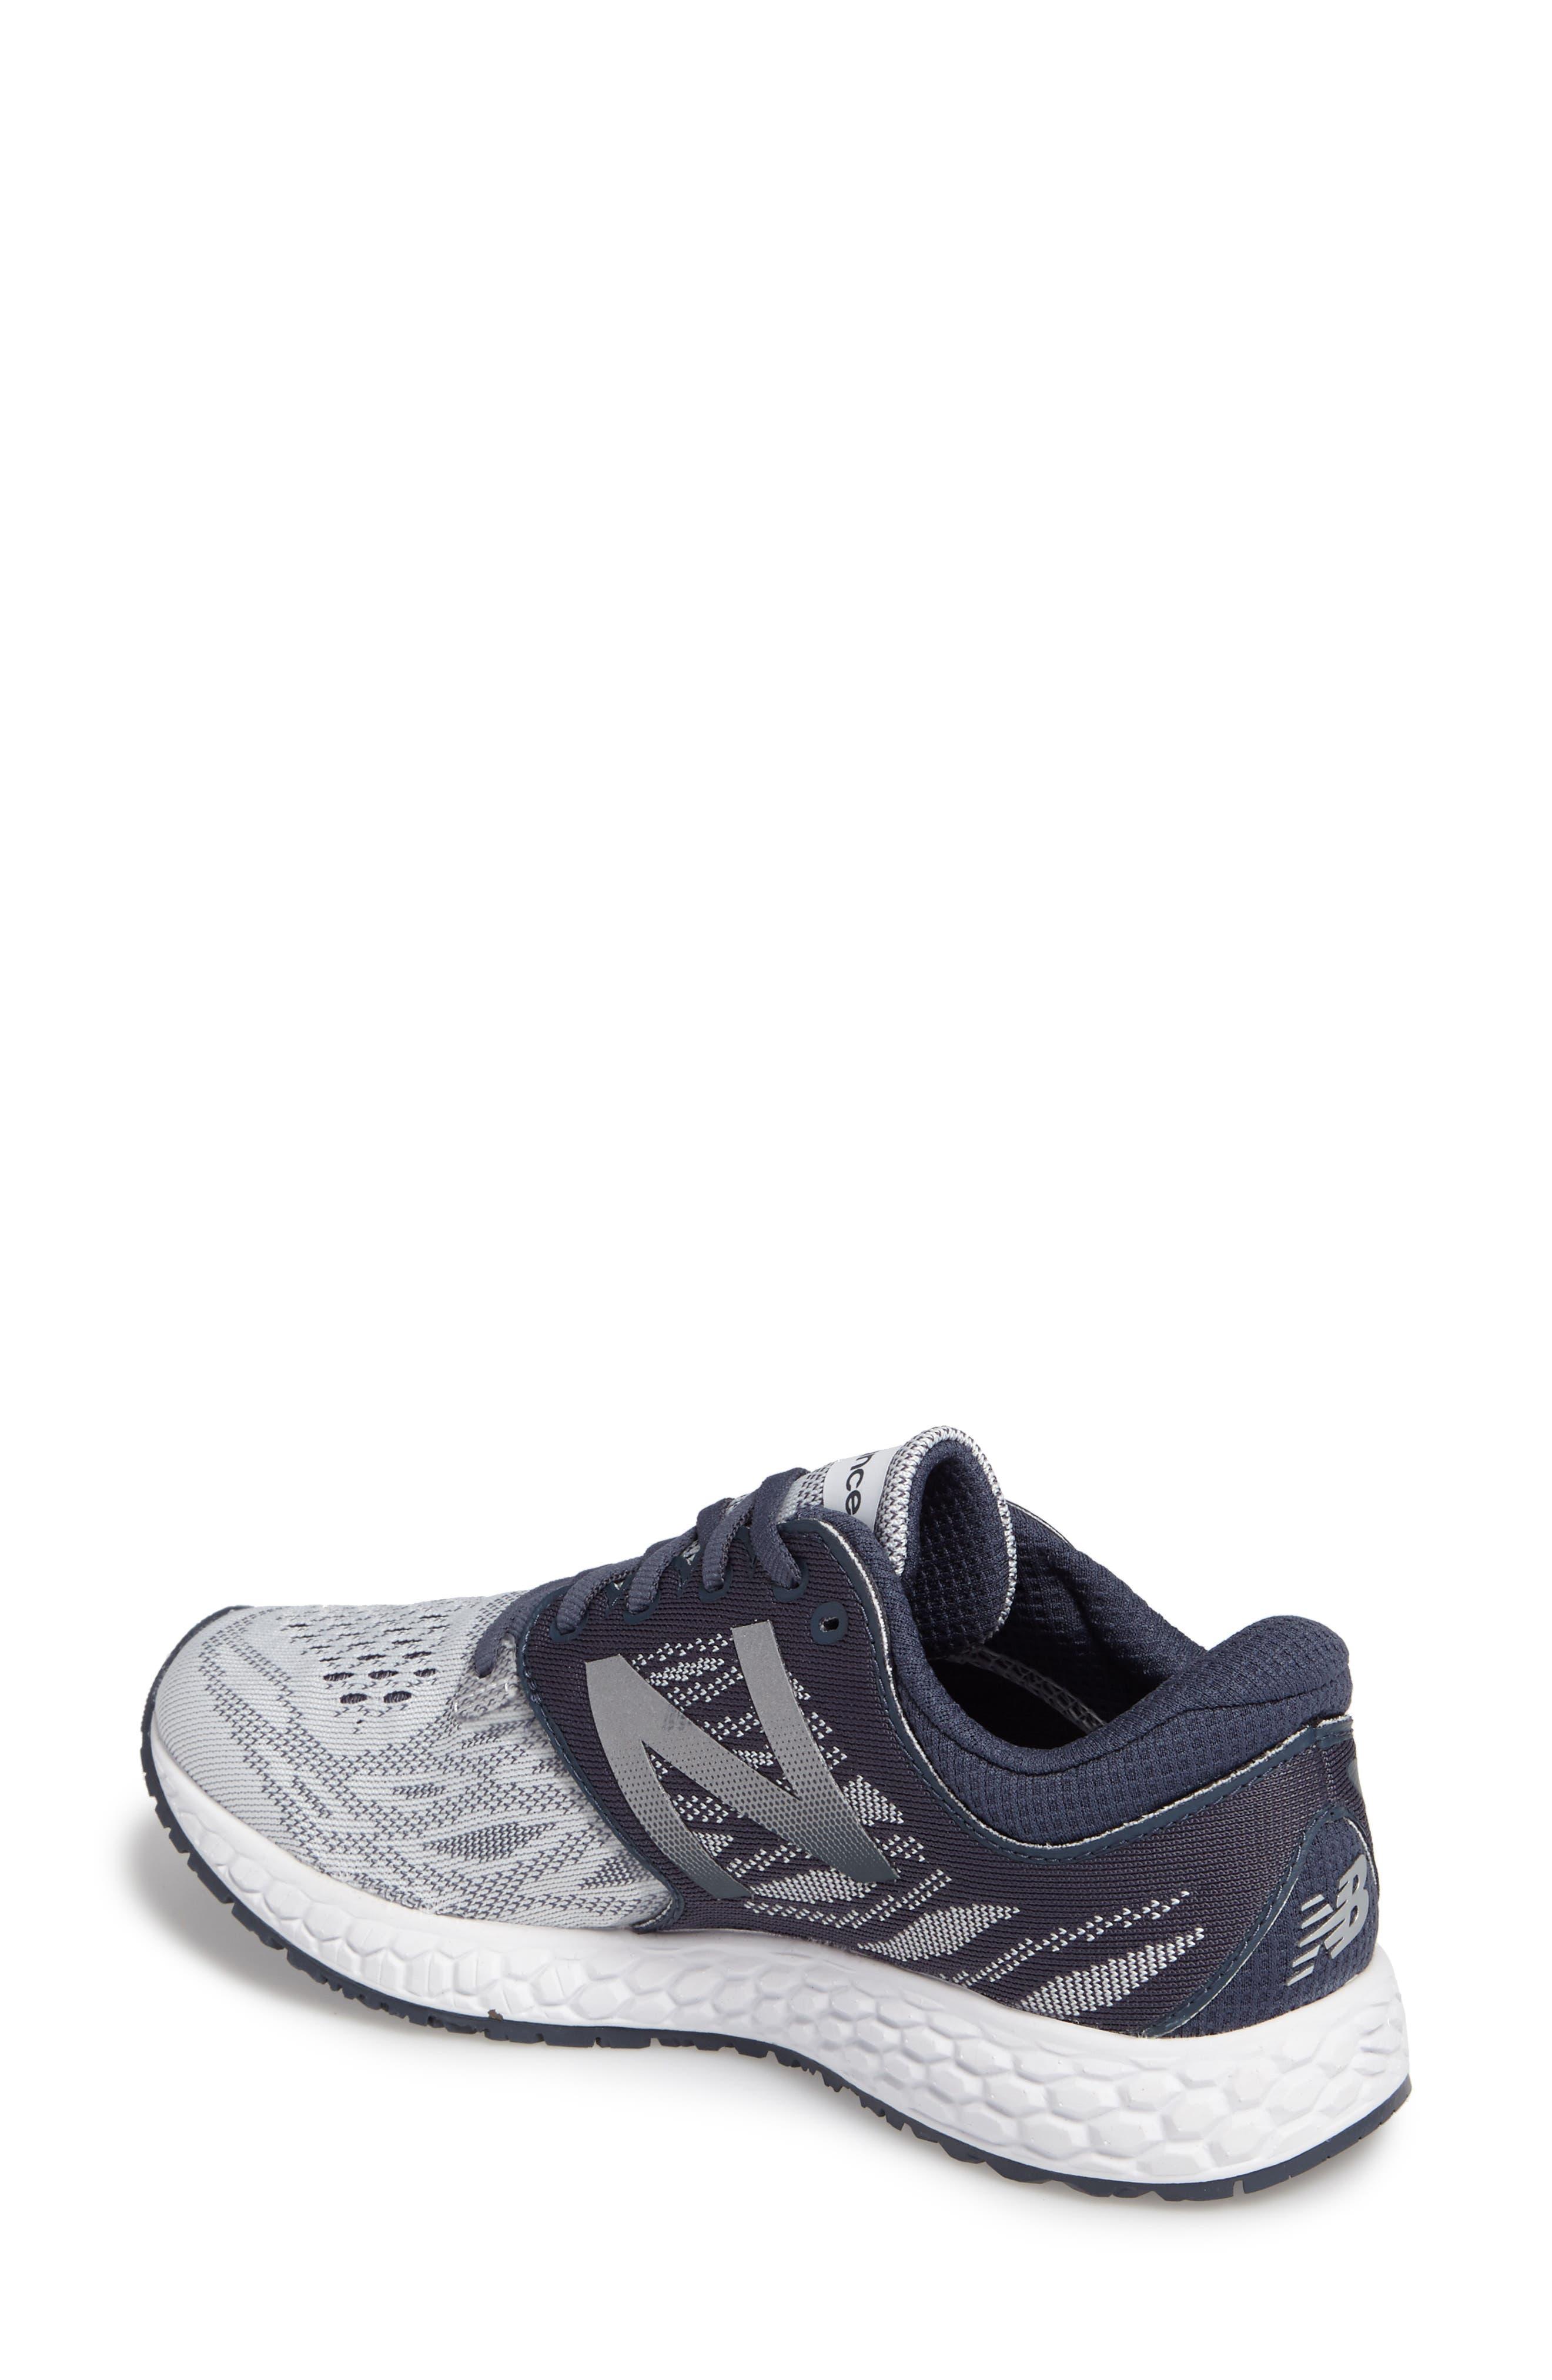 Zante V3 Running Shoe,                             Alternate thumbnail 2, color,                             032